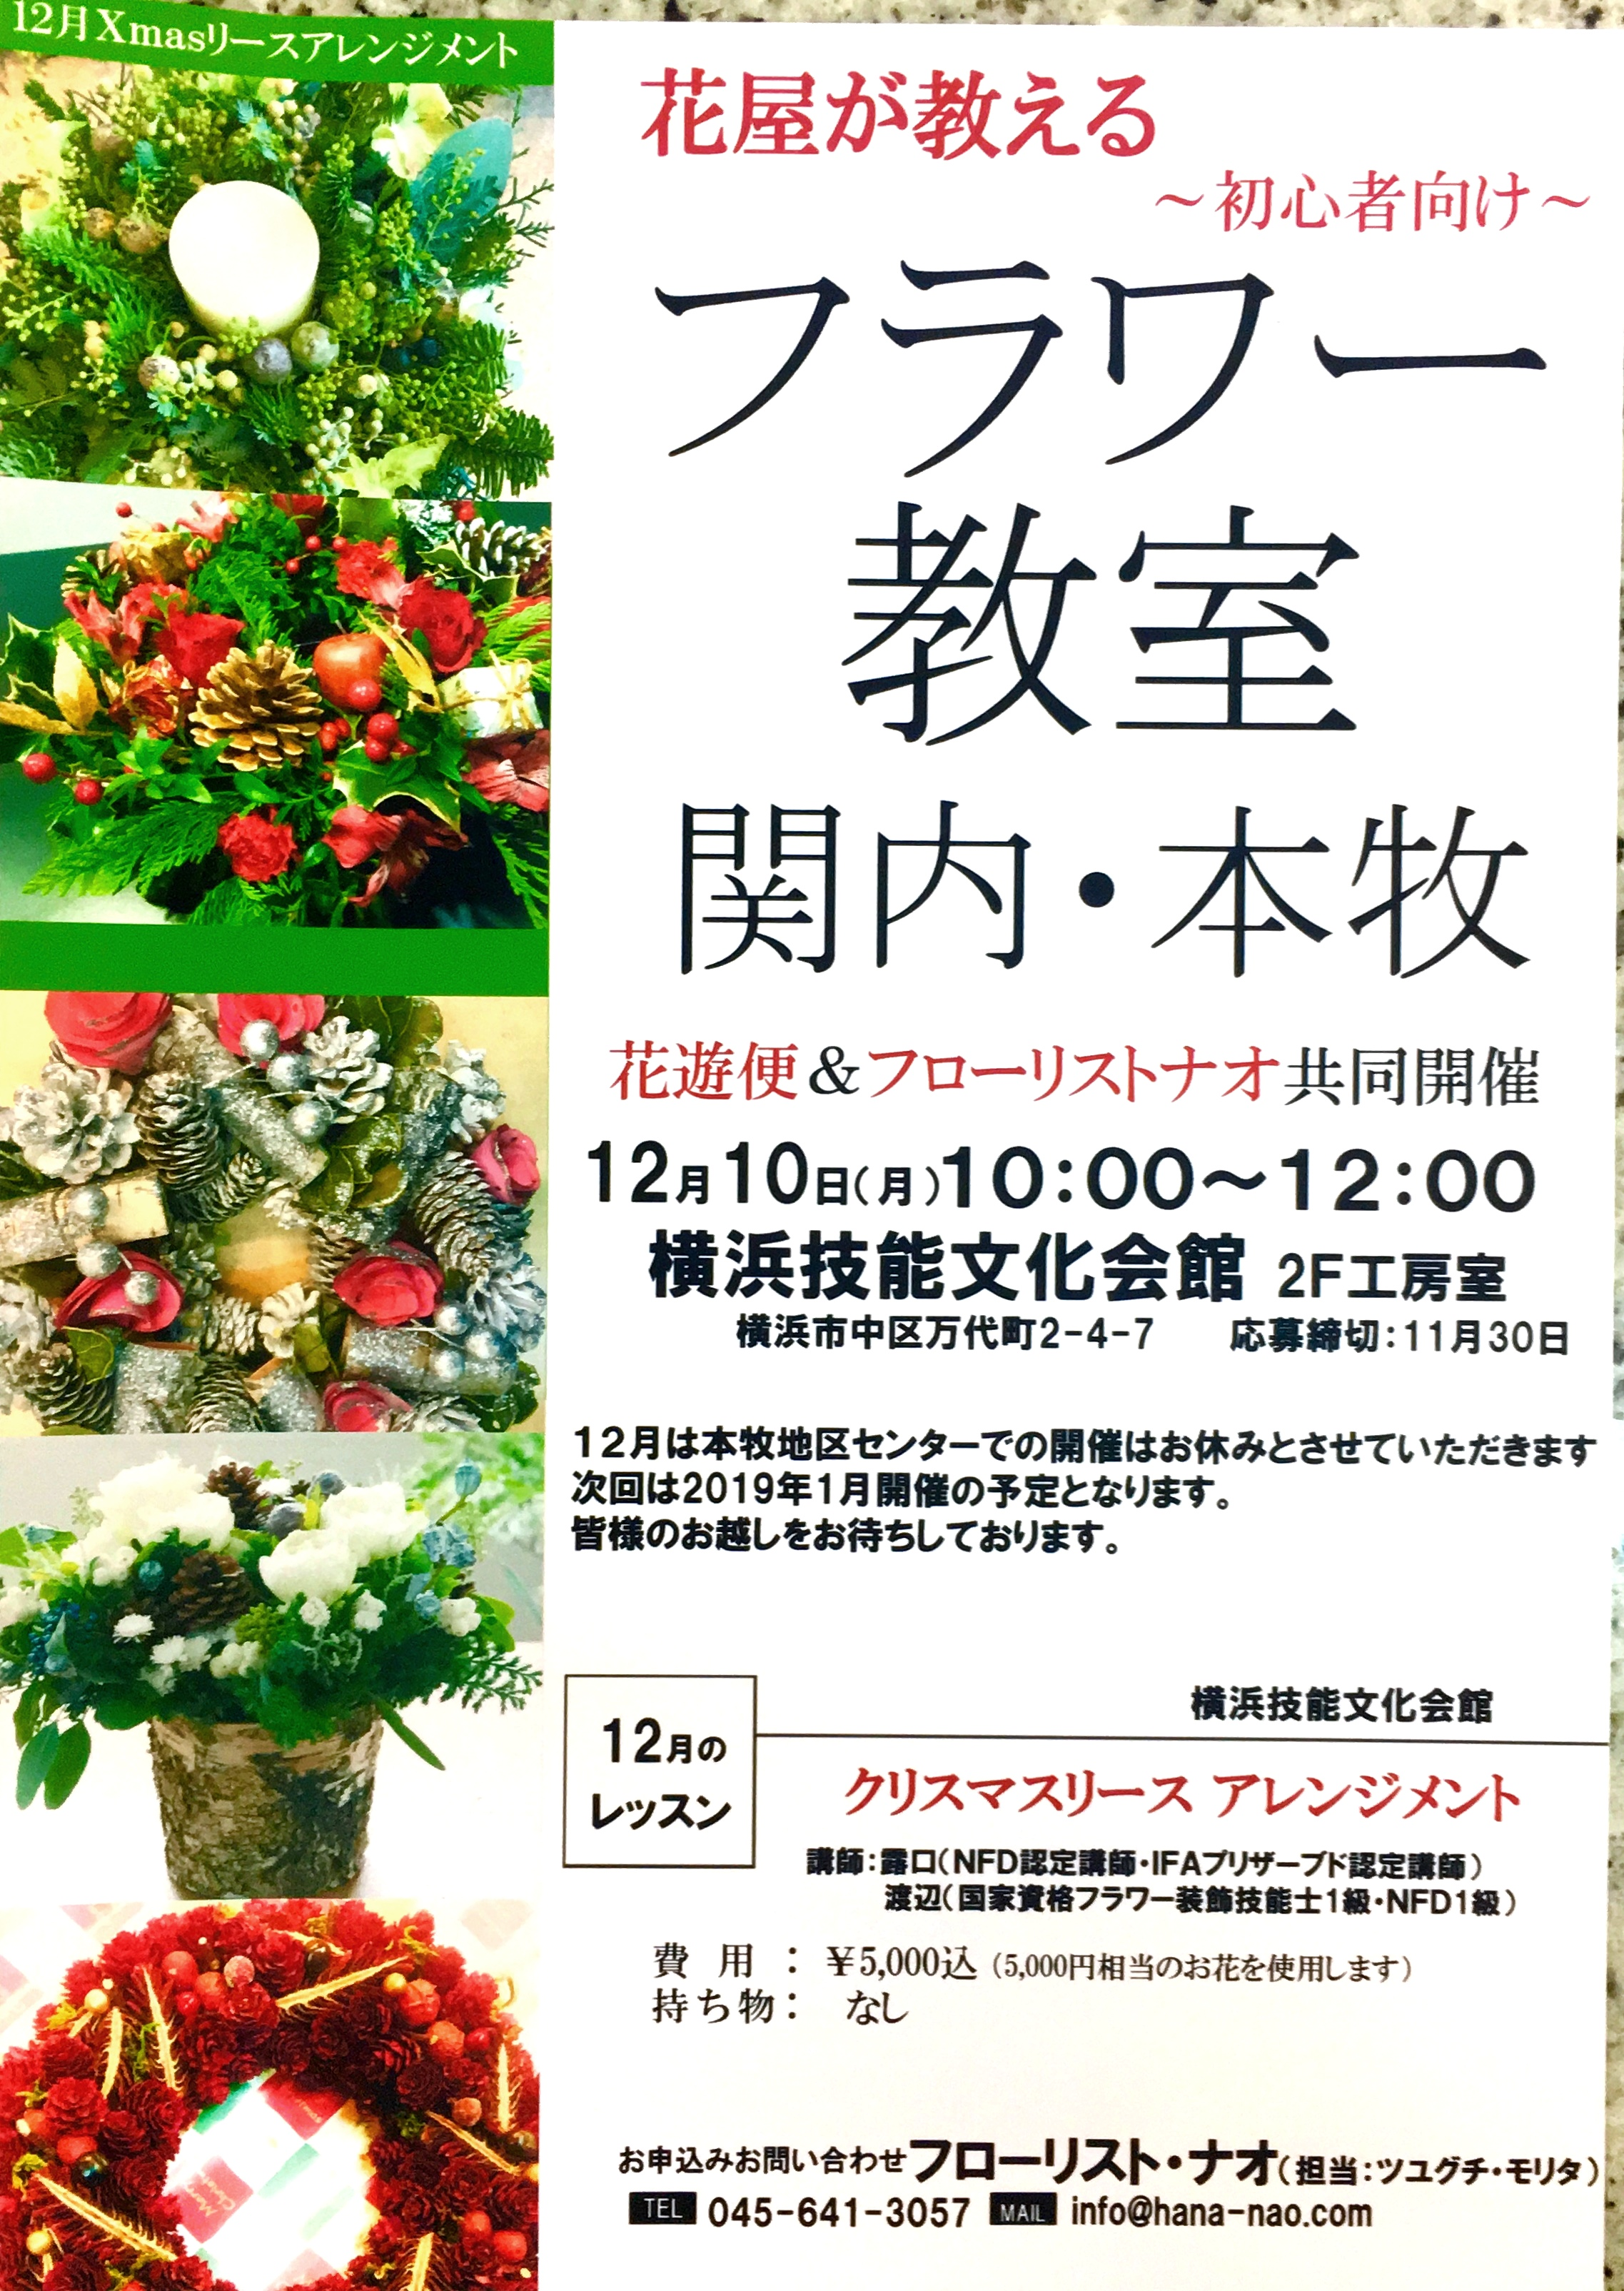 【12月10日初開催】花屋による関内本牧フラワーアレンジメント教室内容!!